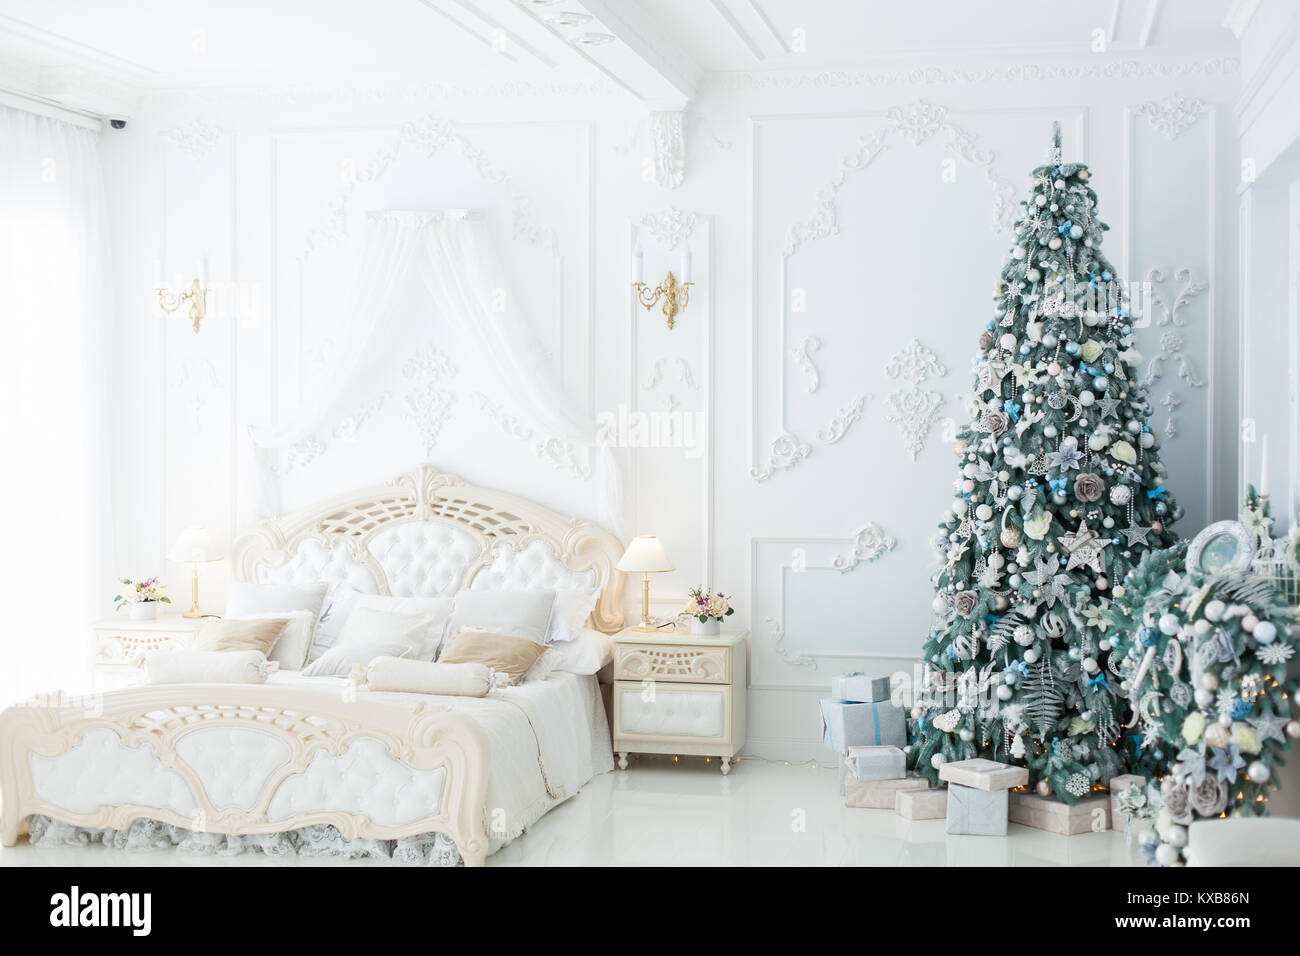 Le decorazioni di Natale in una bellissima camera da letto ...